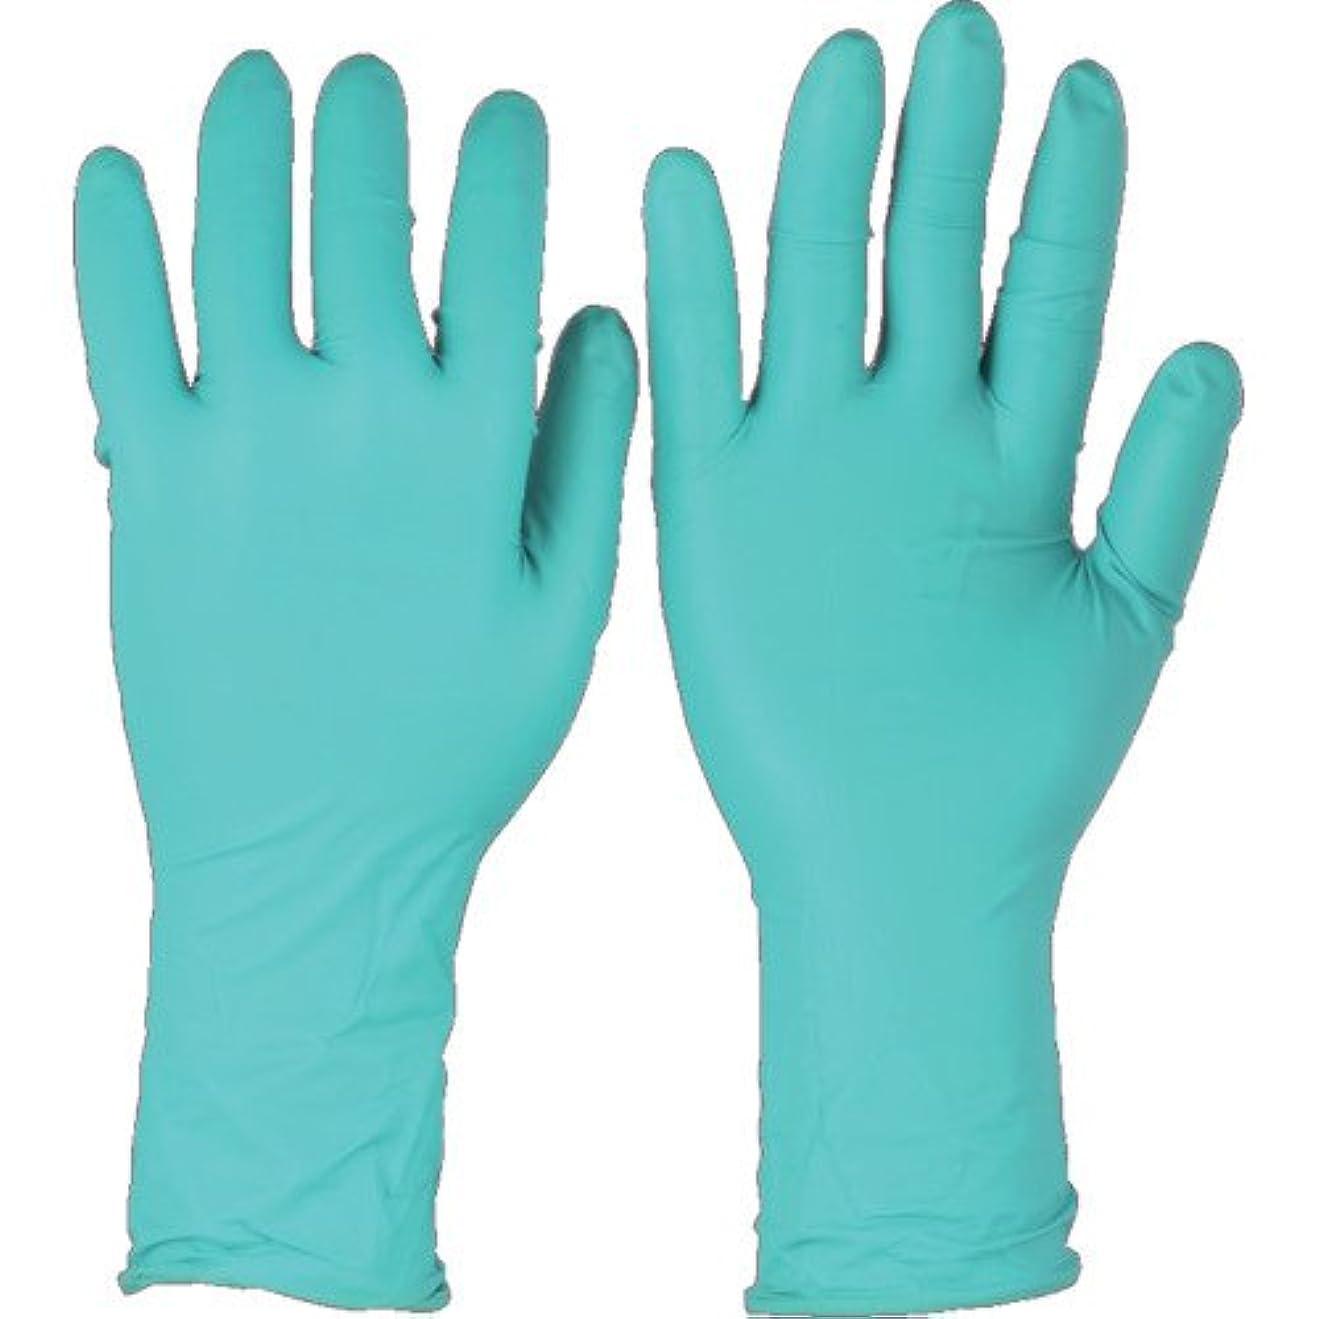 癒す優先権シンプルなトラスコ中山 アンセル ネオプレンゴム使い捨て手袋 マイクロフレックス 93-260 XLサイズ (50枚入)  9326010